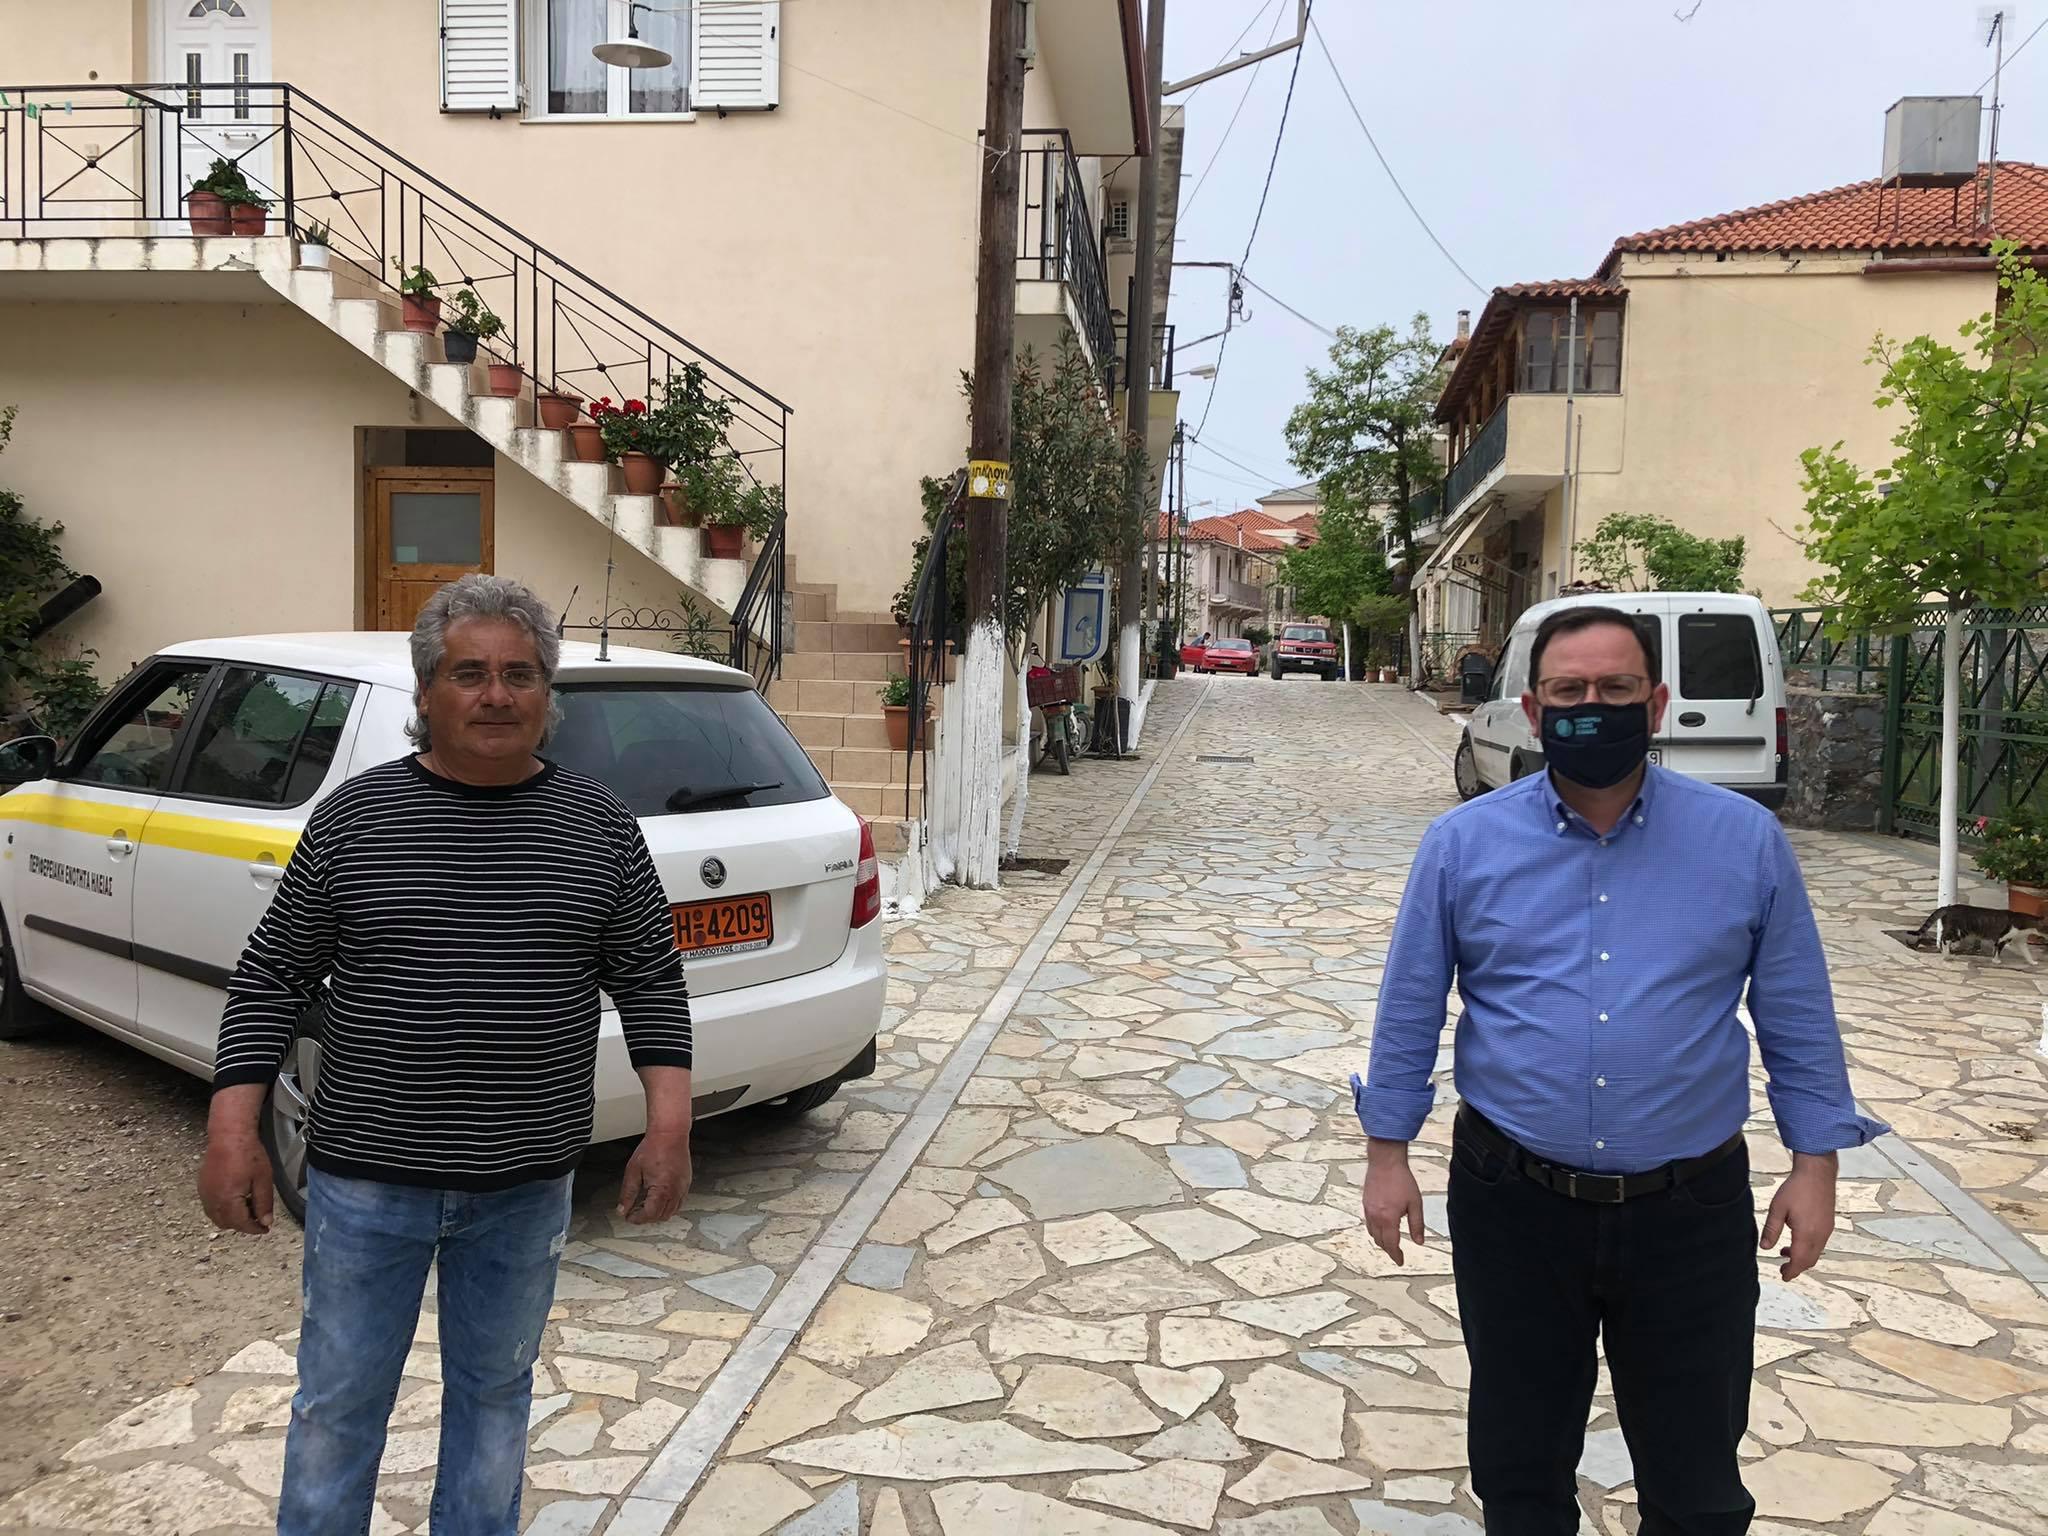 Μπαράζ επισκέψεων του Αντιπεριφερειάρχη Πολιτισμού & Τουρισμού κ. Νίκου Κοροβέση σε χωριά του Δήμου Αρχαίας Ολυμπίας (photos)